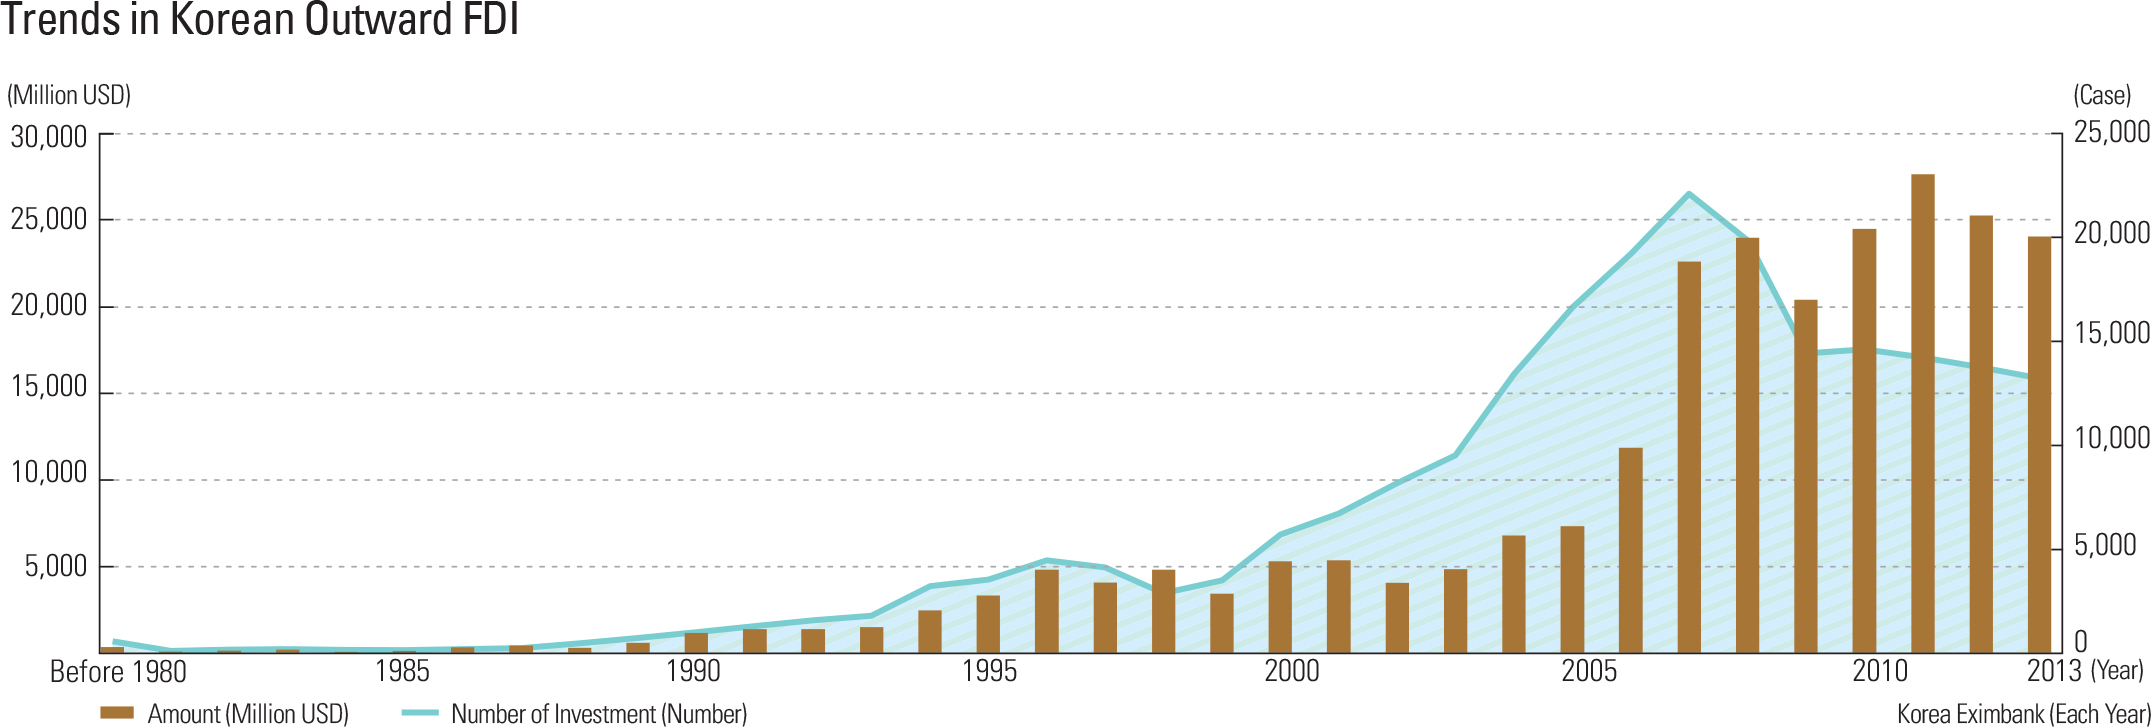 Trends in Korean Outward FDI